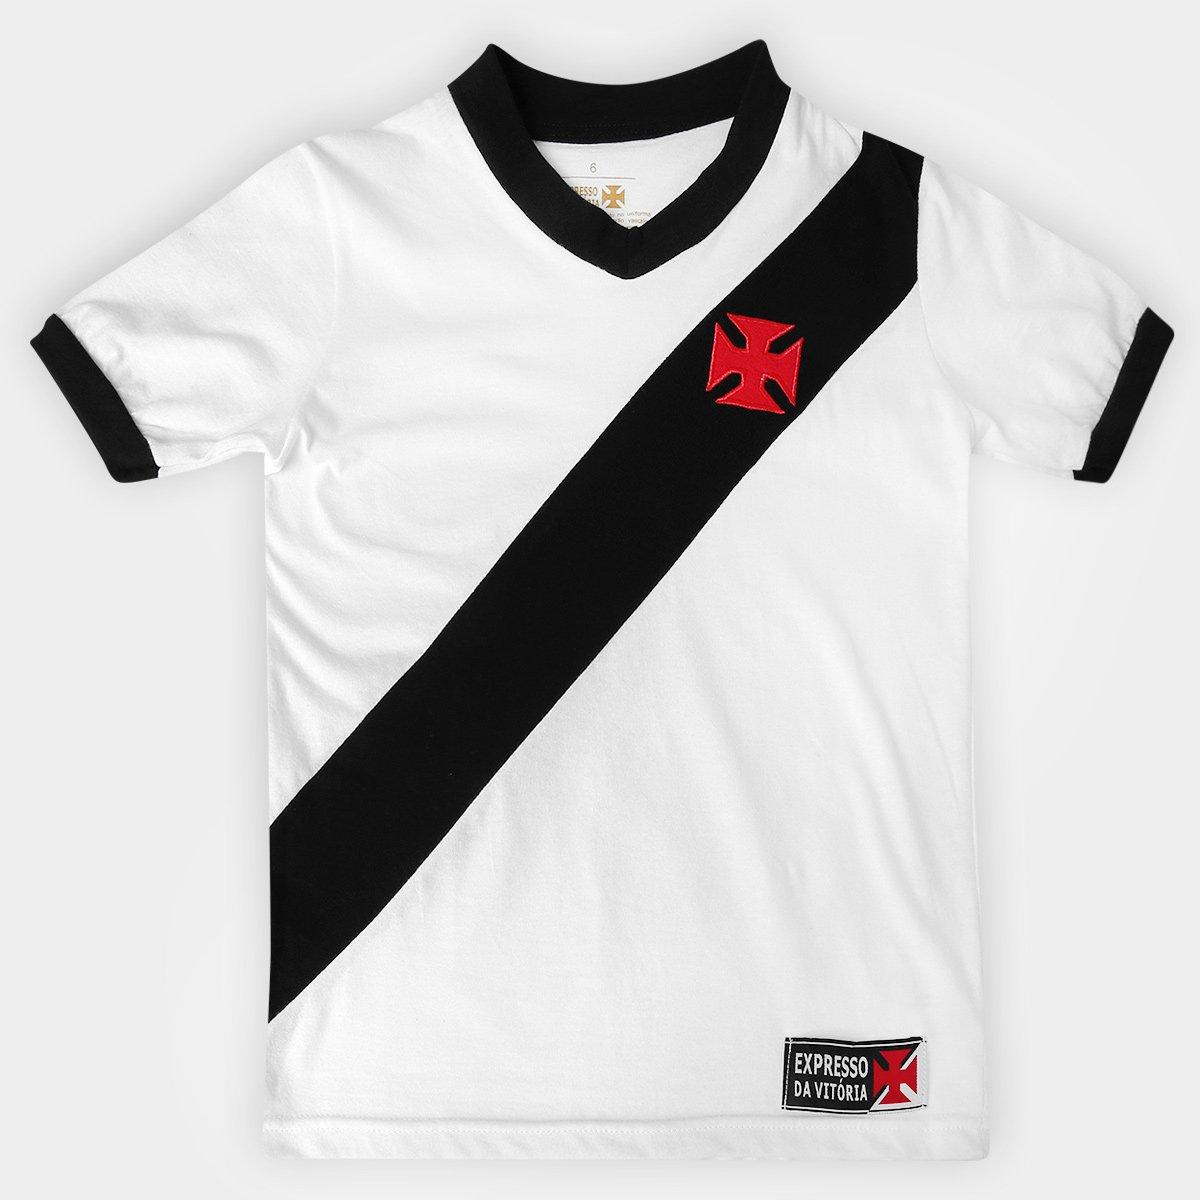 86784979899b5 Camisa Infantil Vasco Expresso - Branco e Preto - Compre Agora ...